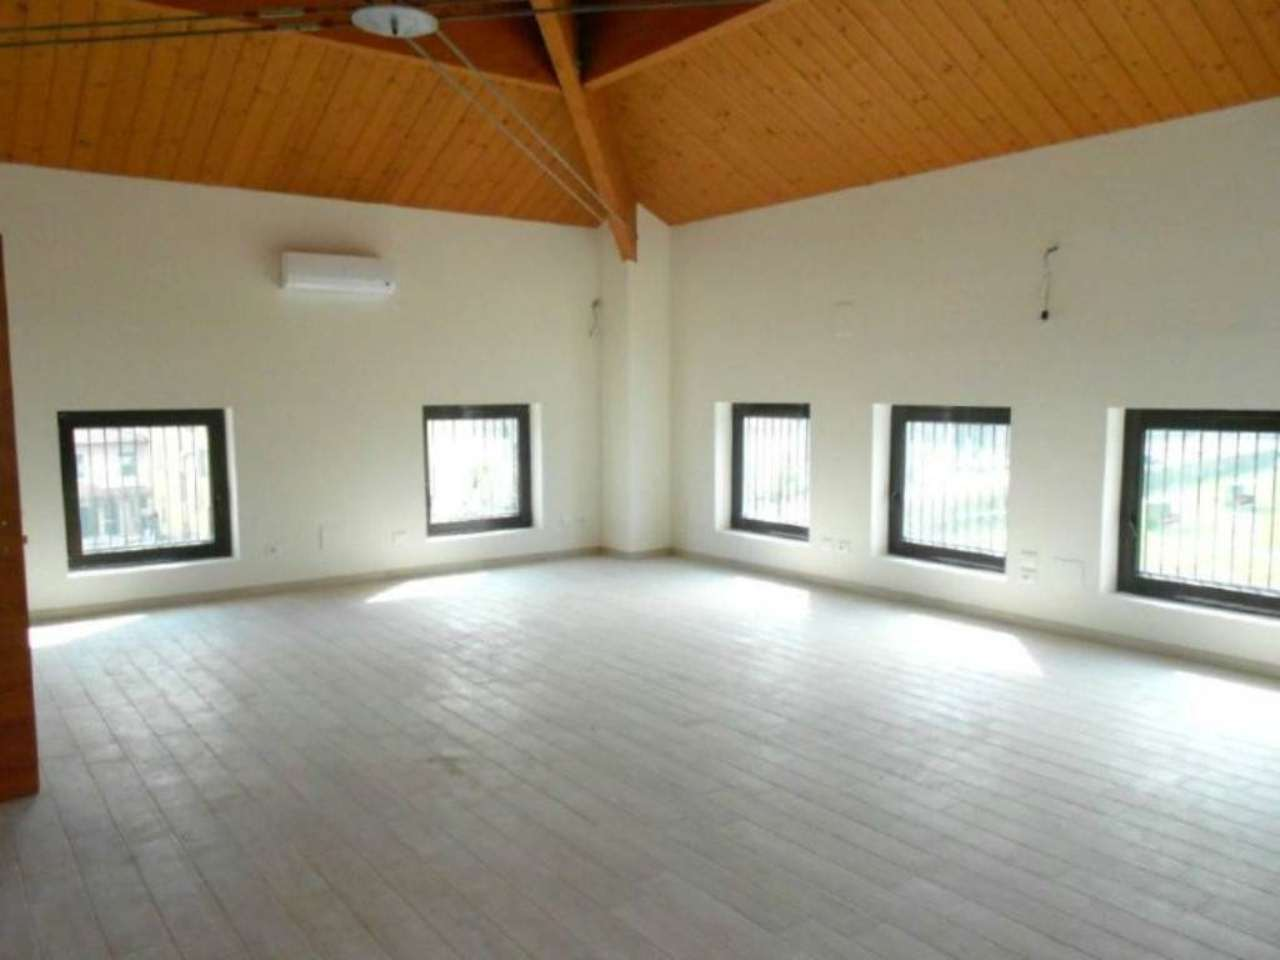 Ufficio / Studio in vendita a Galliera, 1 locali, prezzo € 90.000 | CambioCasa.it